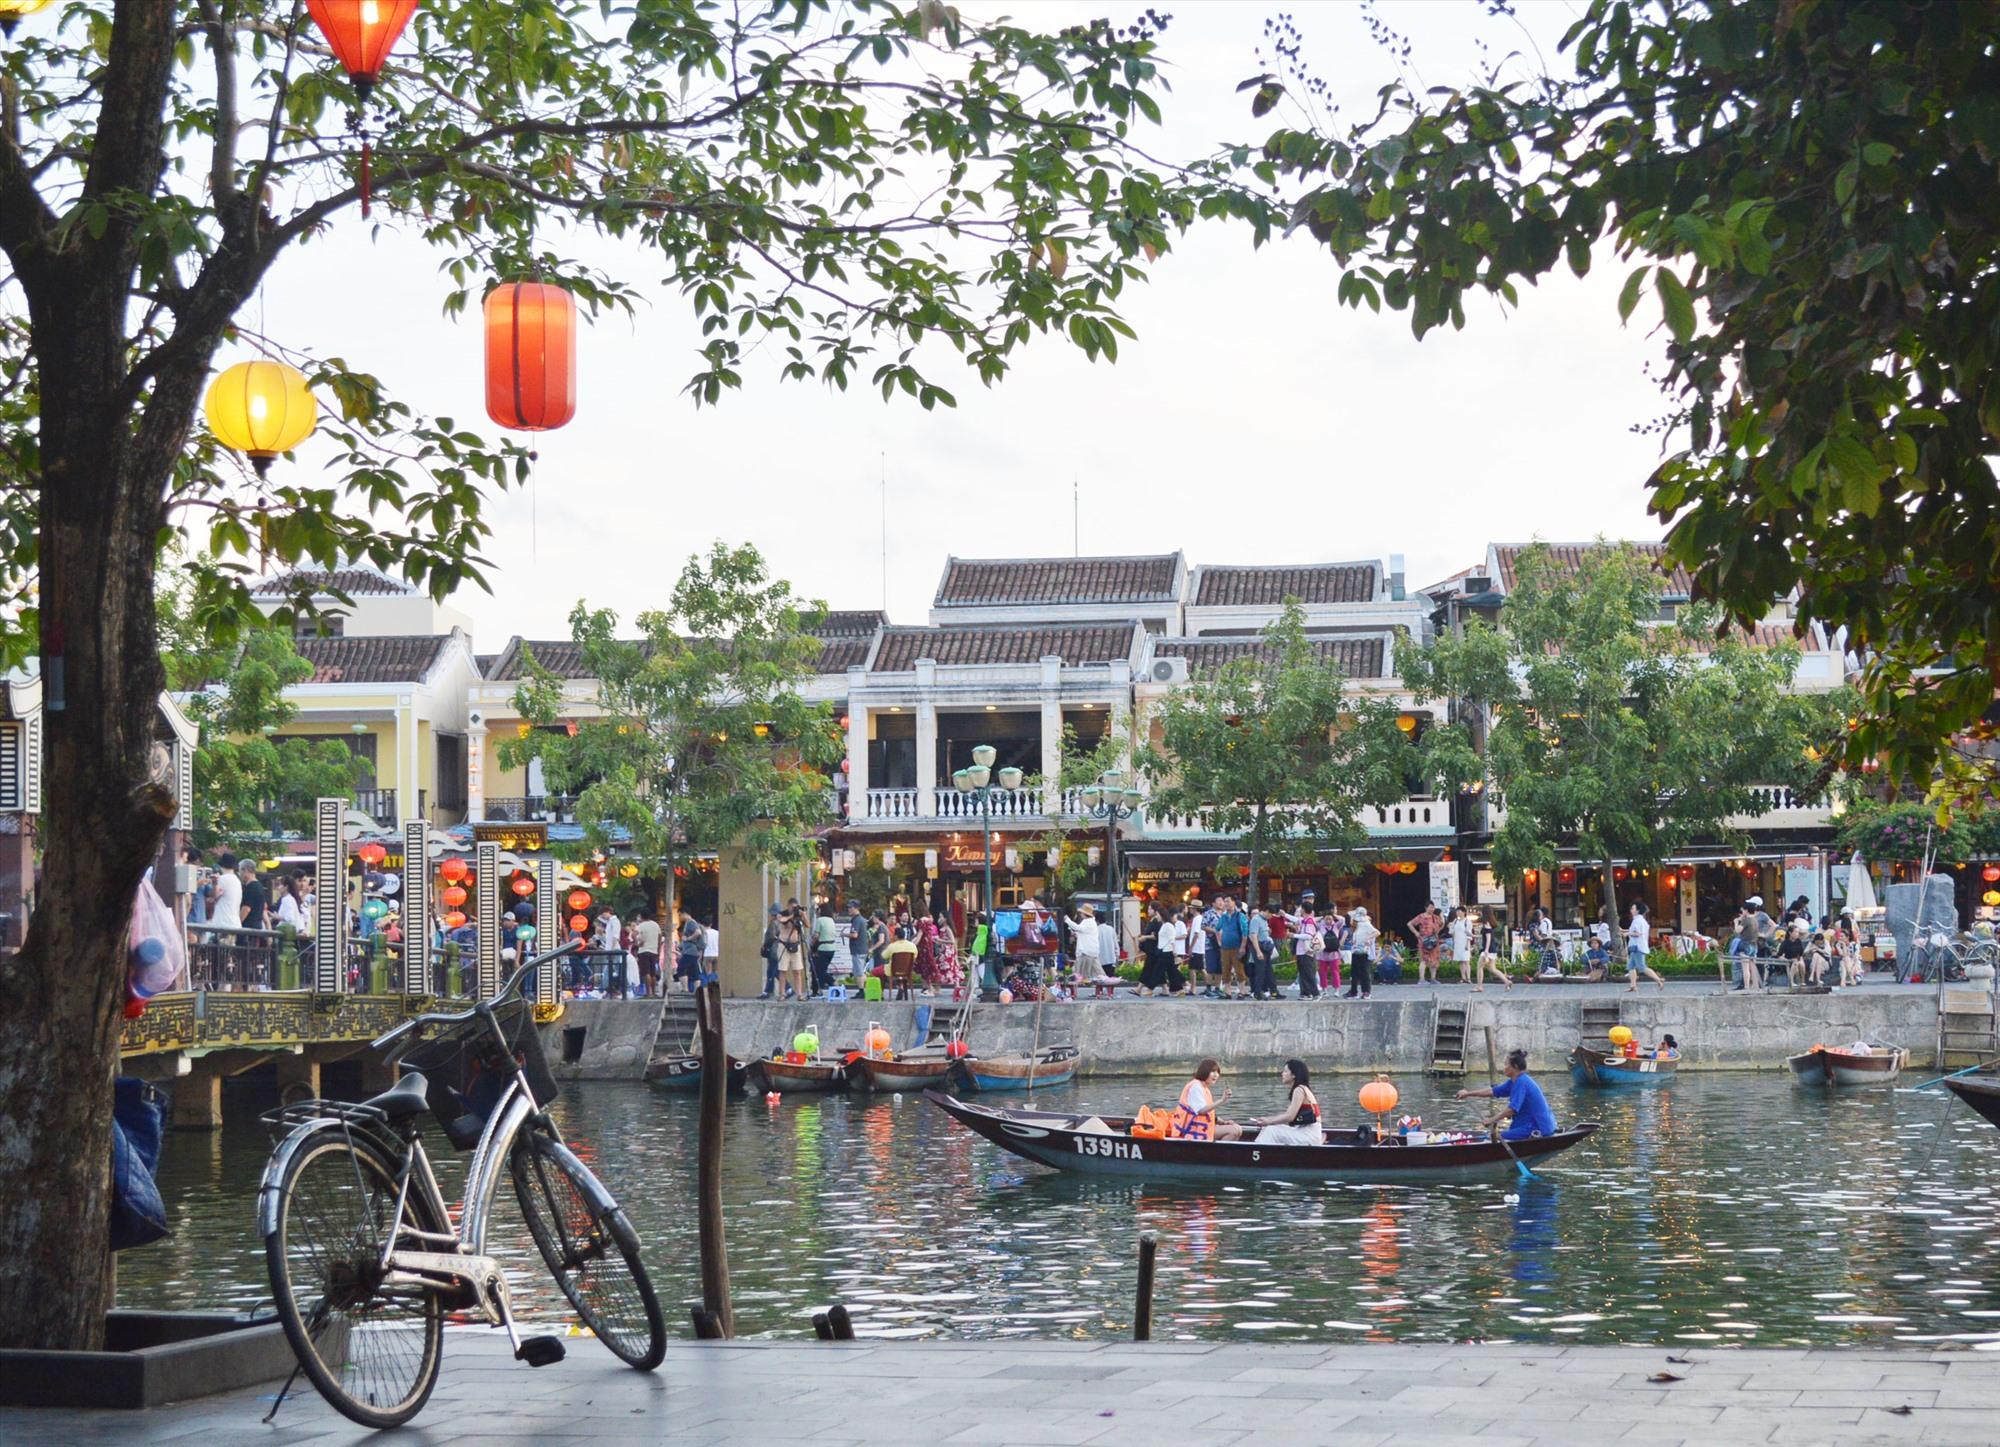 Du lịch Quảng Nam cần thay đổi cách tiếp cận theo hướng bền vững hơn. Ảnh: V.LỘC